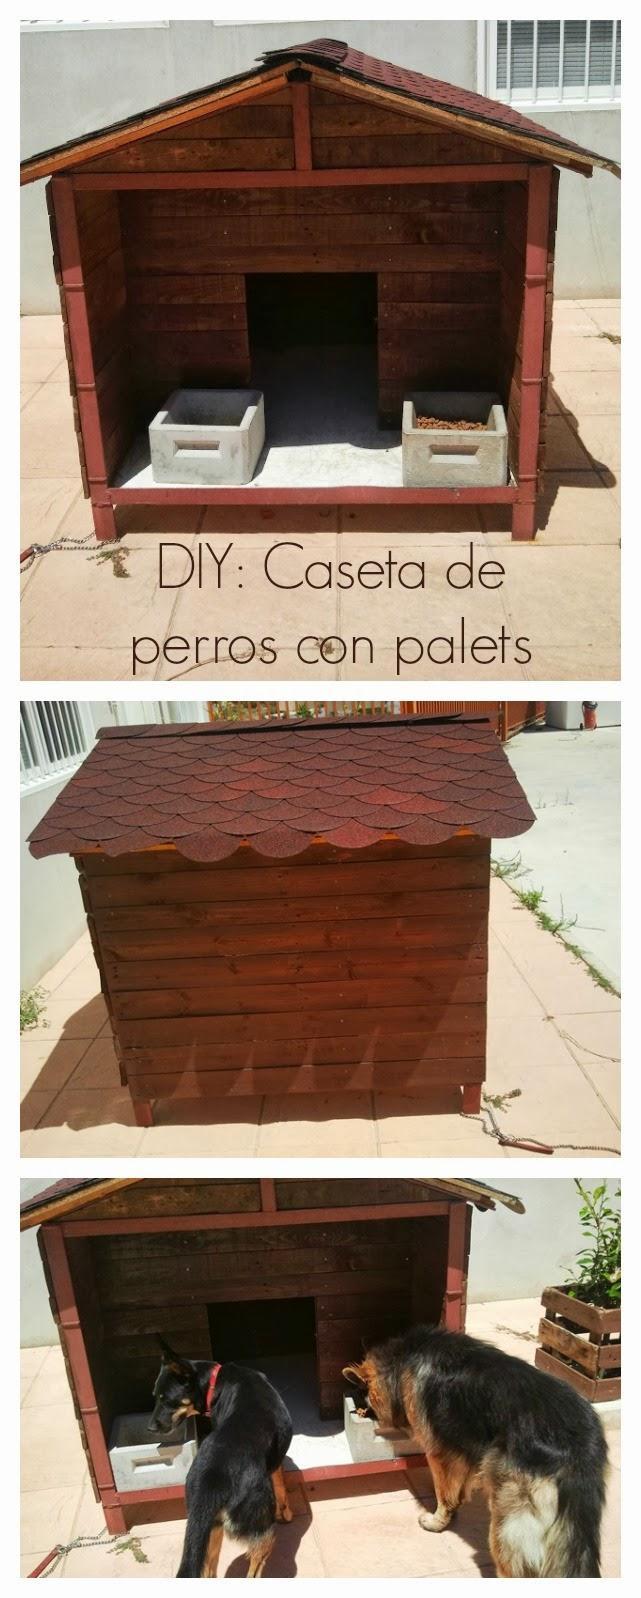 Diy c mo hacer una caseta de perros con palets paperblog for Como hacer una caseta de jardin